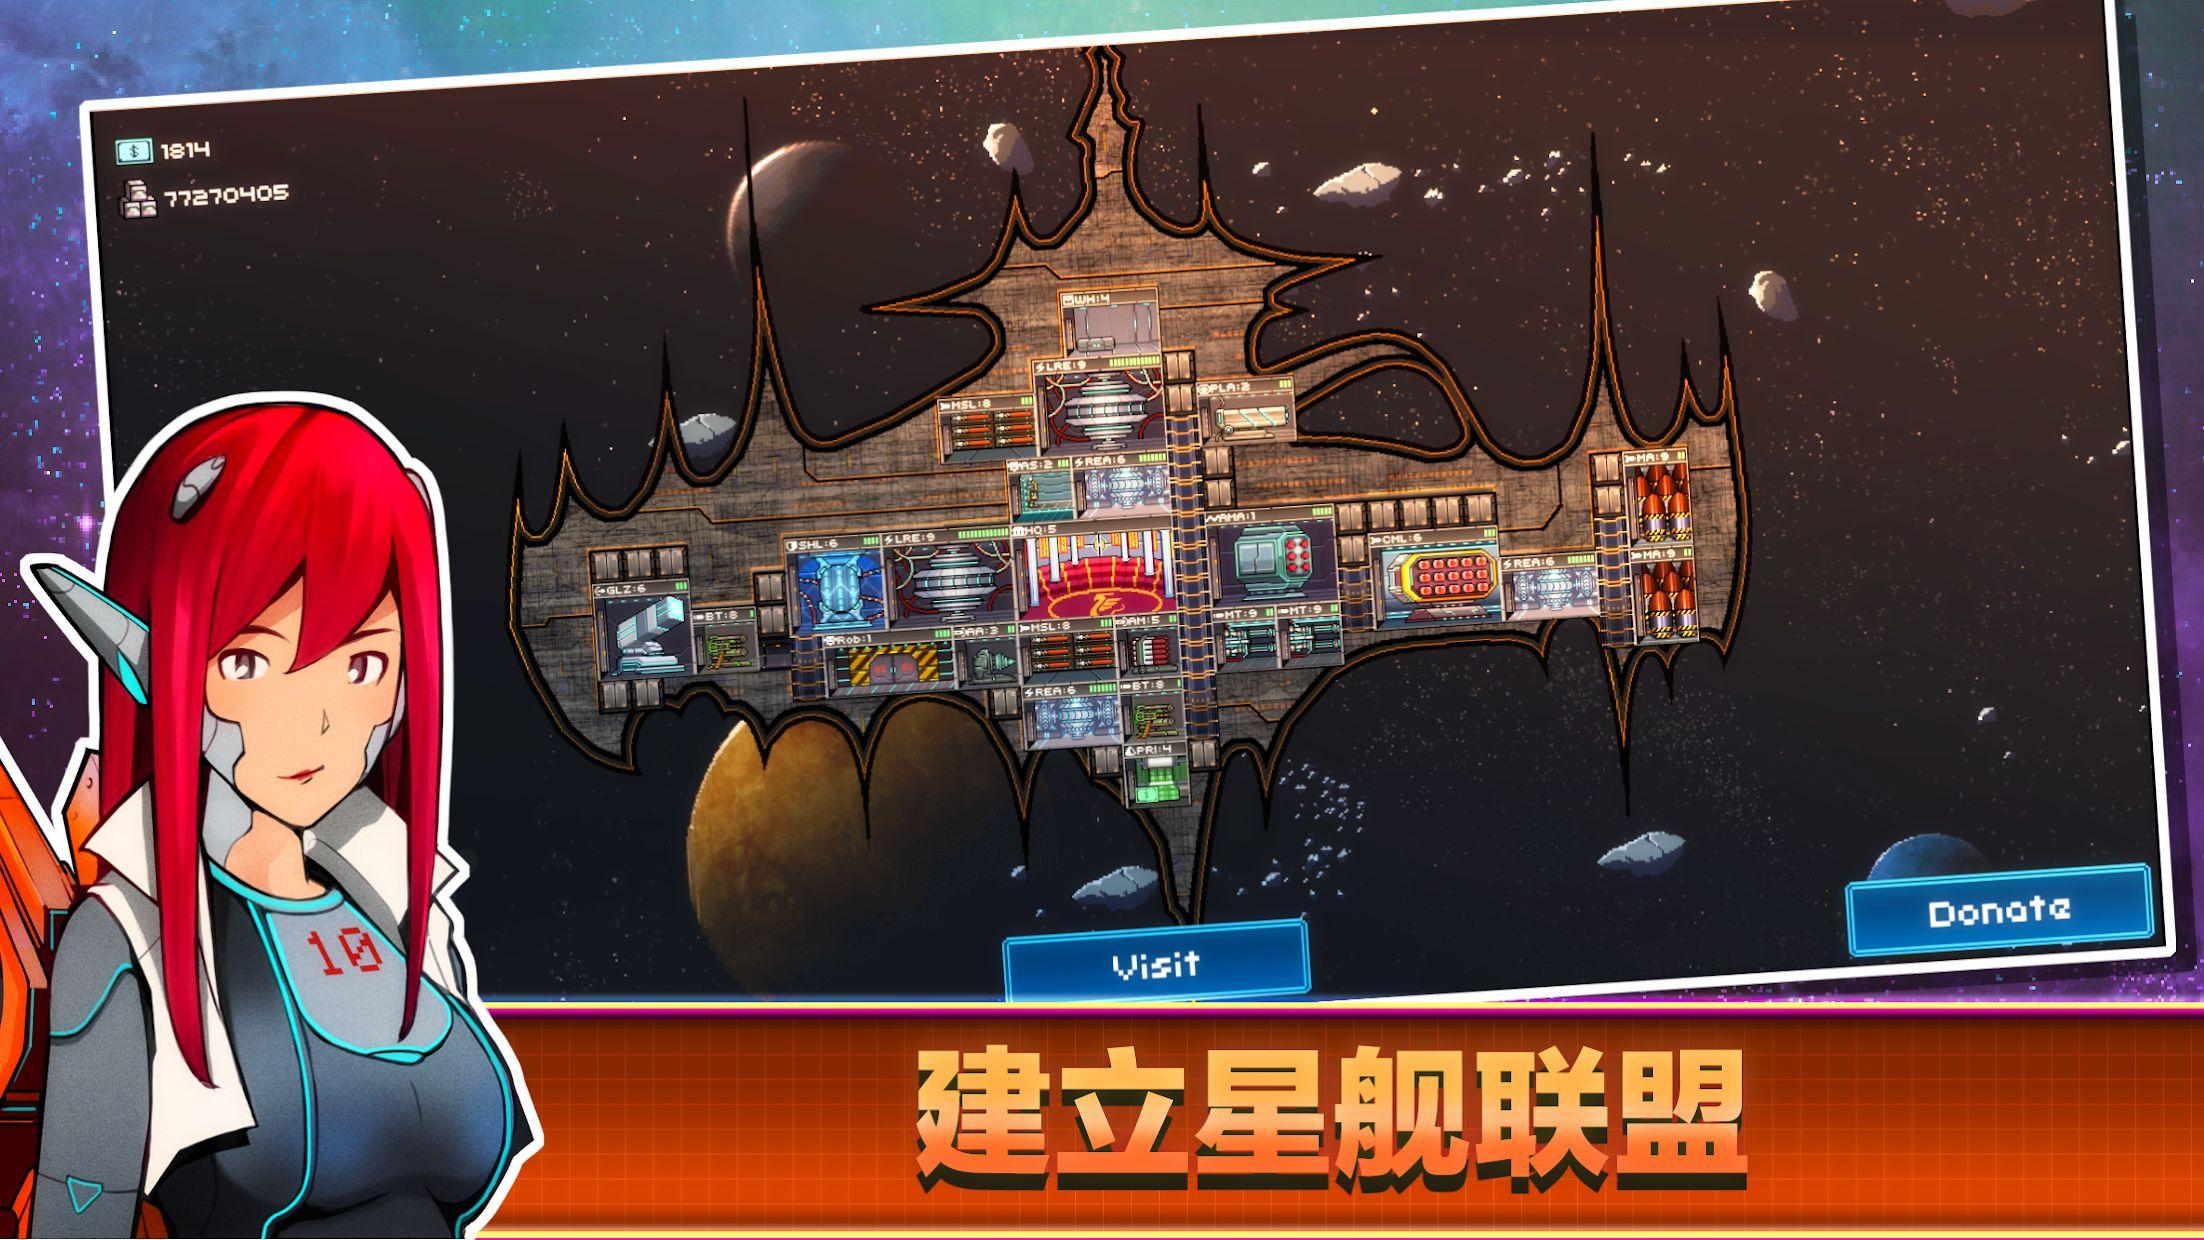 像素星舰™ Pixel Starships™: Hyperspace 游戏截图3